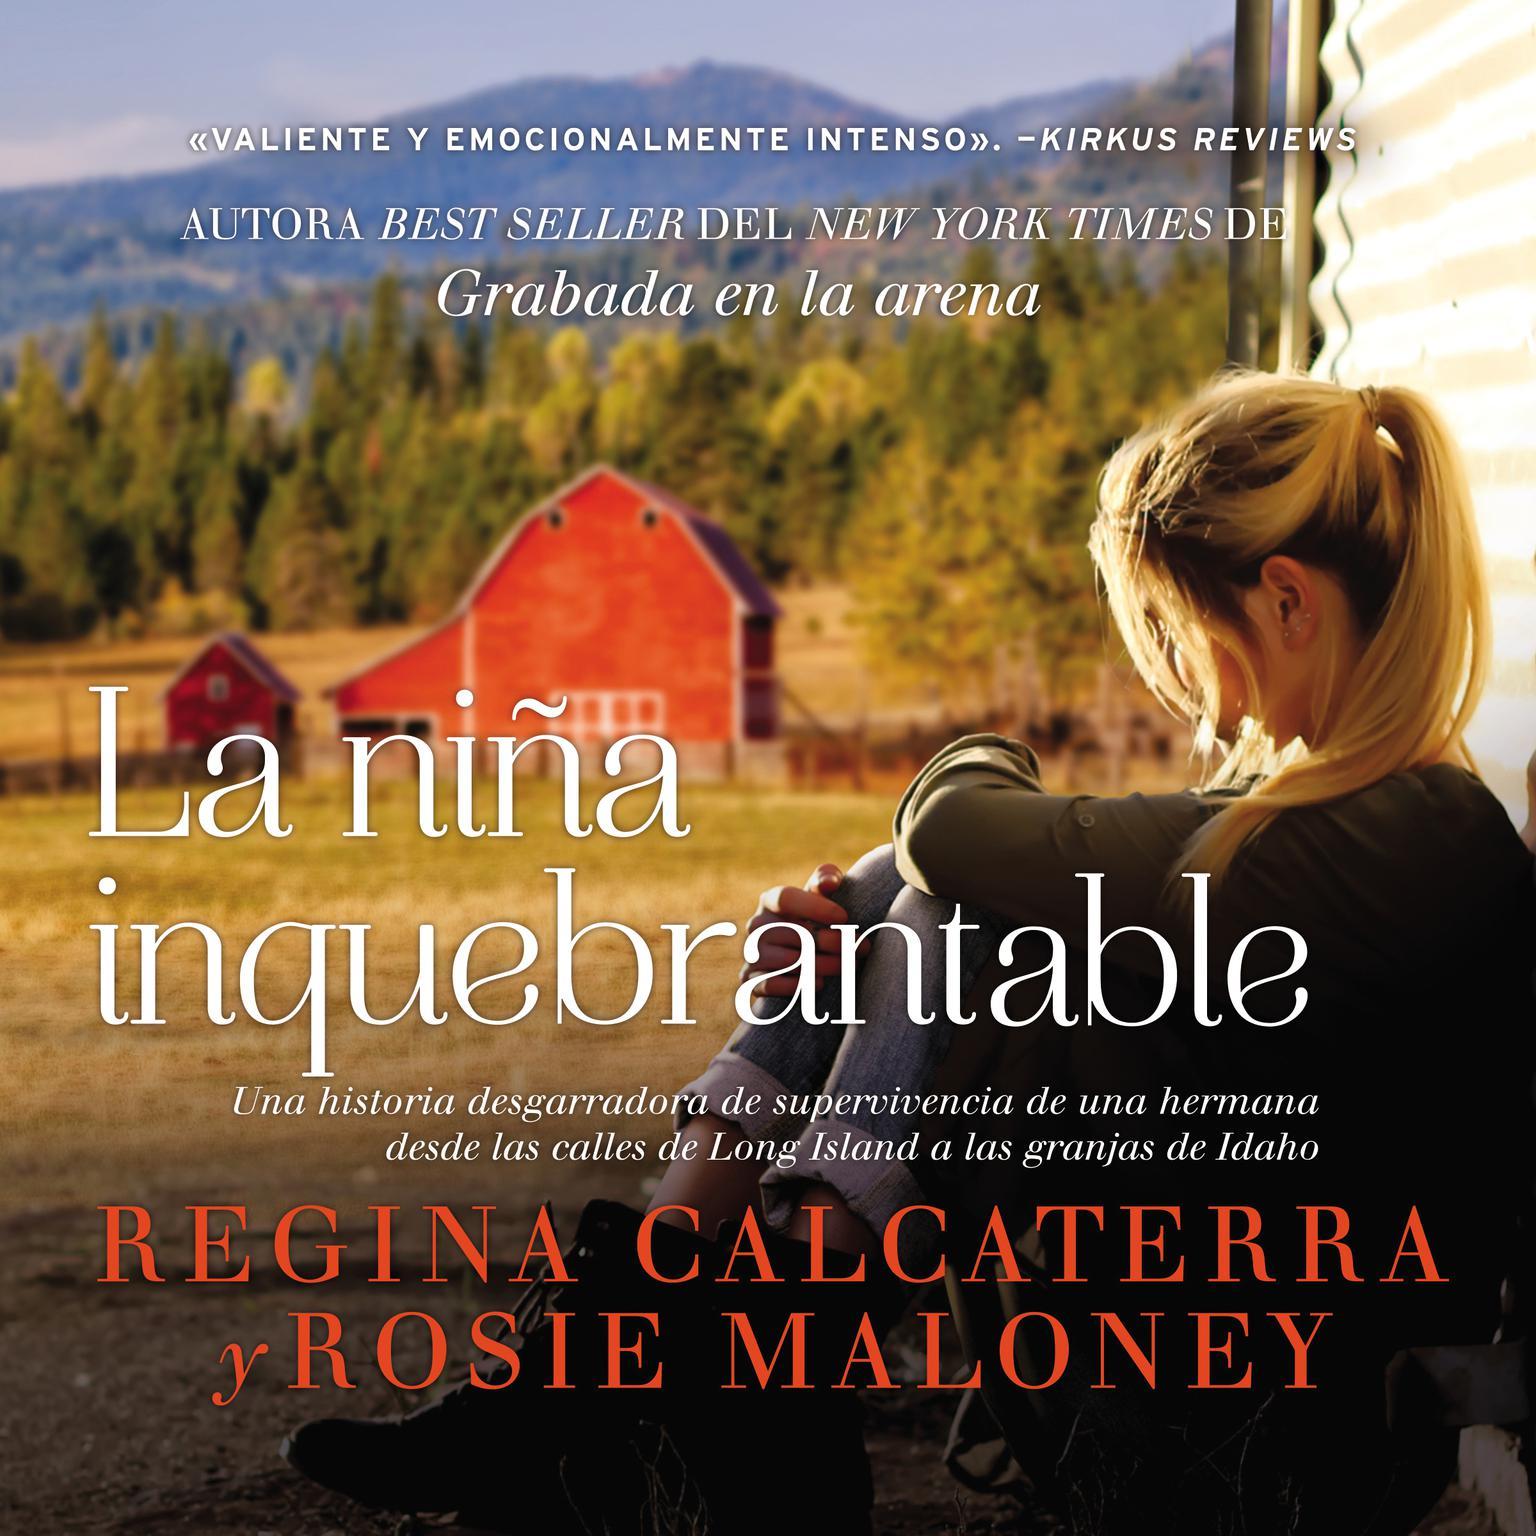 Printable La niña inquebrantable: Una historia desgarradora de supervivencia de una hermana desde las calles de Long Island a las granjas de Idaho Audiobook Cover Art